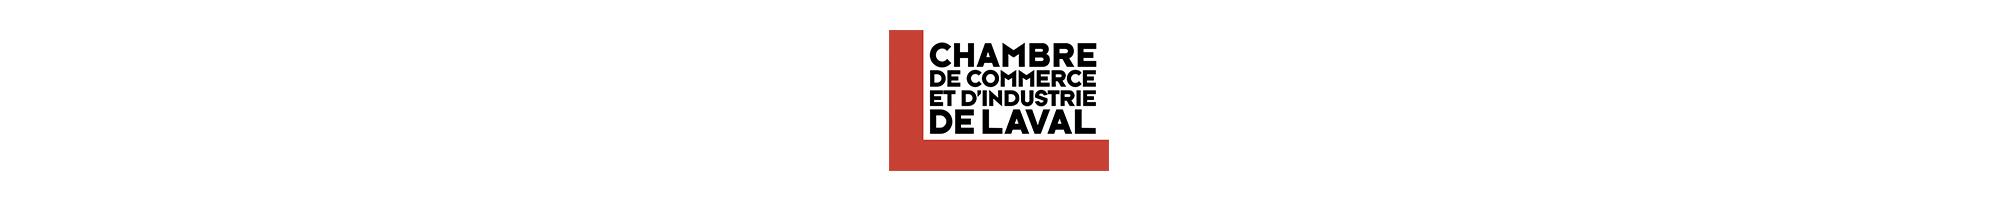 Ateliers de formation techniques de marchandisage visuel for Chambre de commerce et d industrie de laval